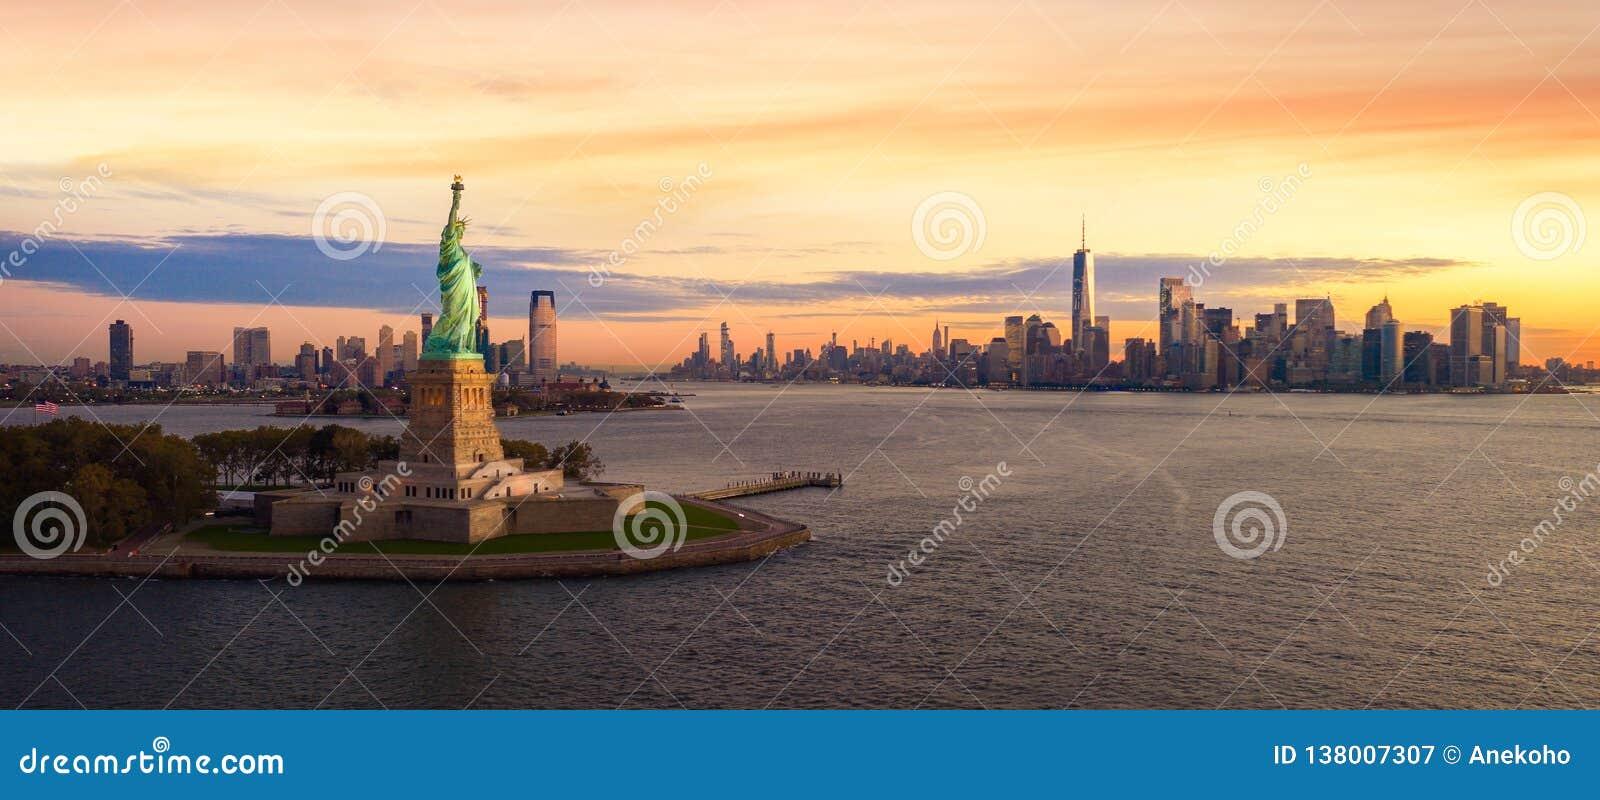 Άγαλμα ελευθερίας στην πόλη της Νέας Υόρκης